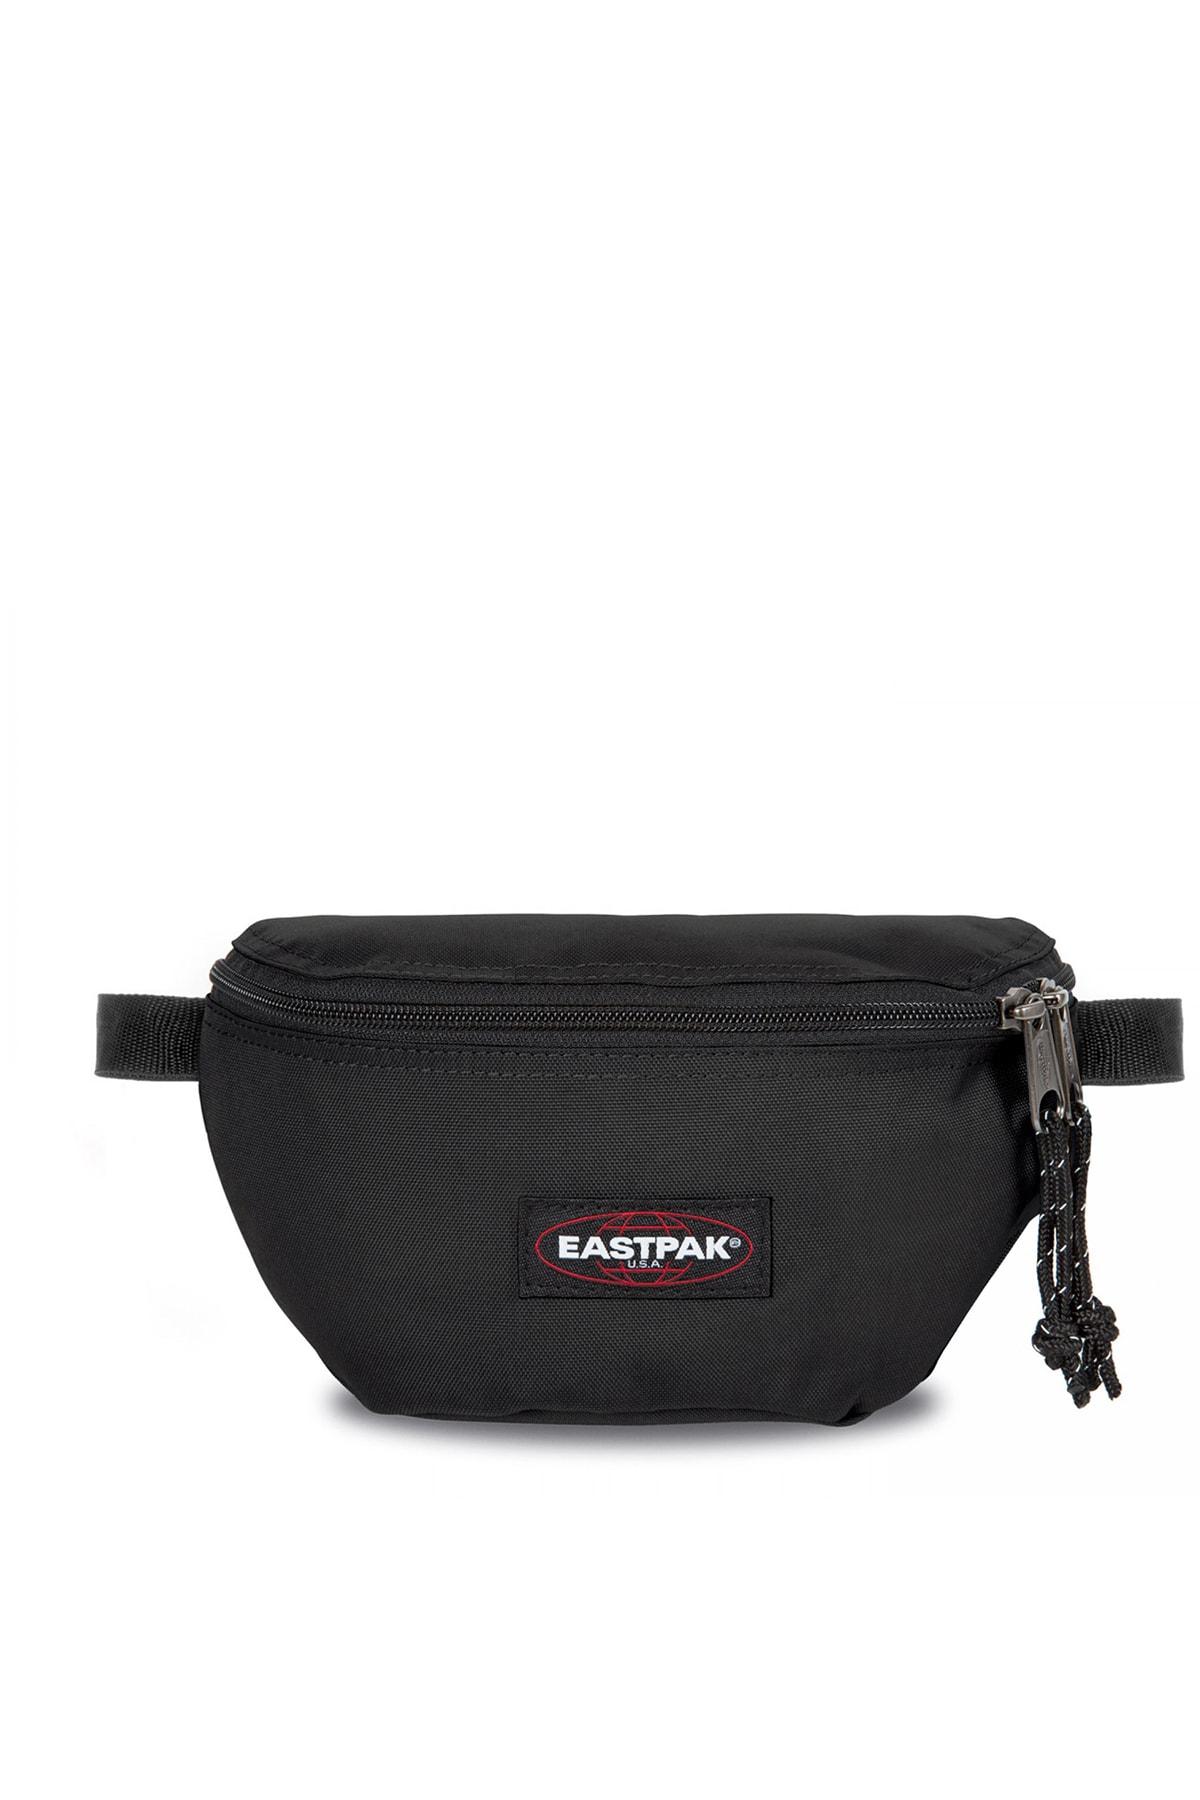 Eastpak Springer Bel Çantası Vfe-ek074008 Siyah 1